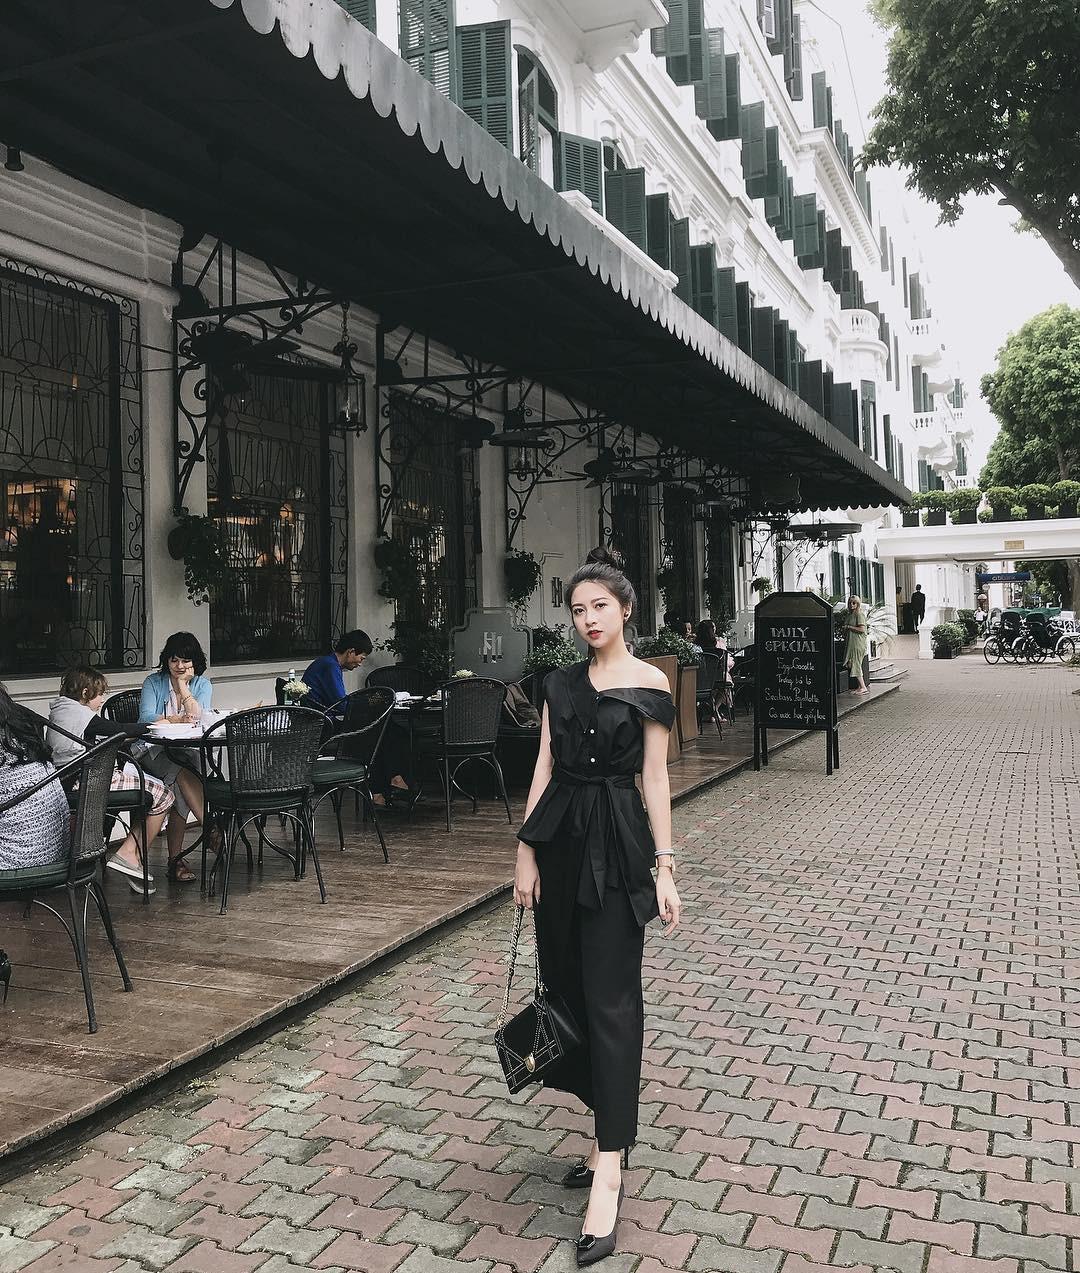 5 quán cà phê sang chảnh cho ngày lạnh ngắm vẻ đẹp Hà Nội Ảnh 2